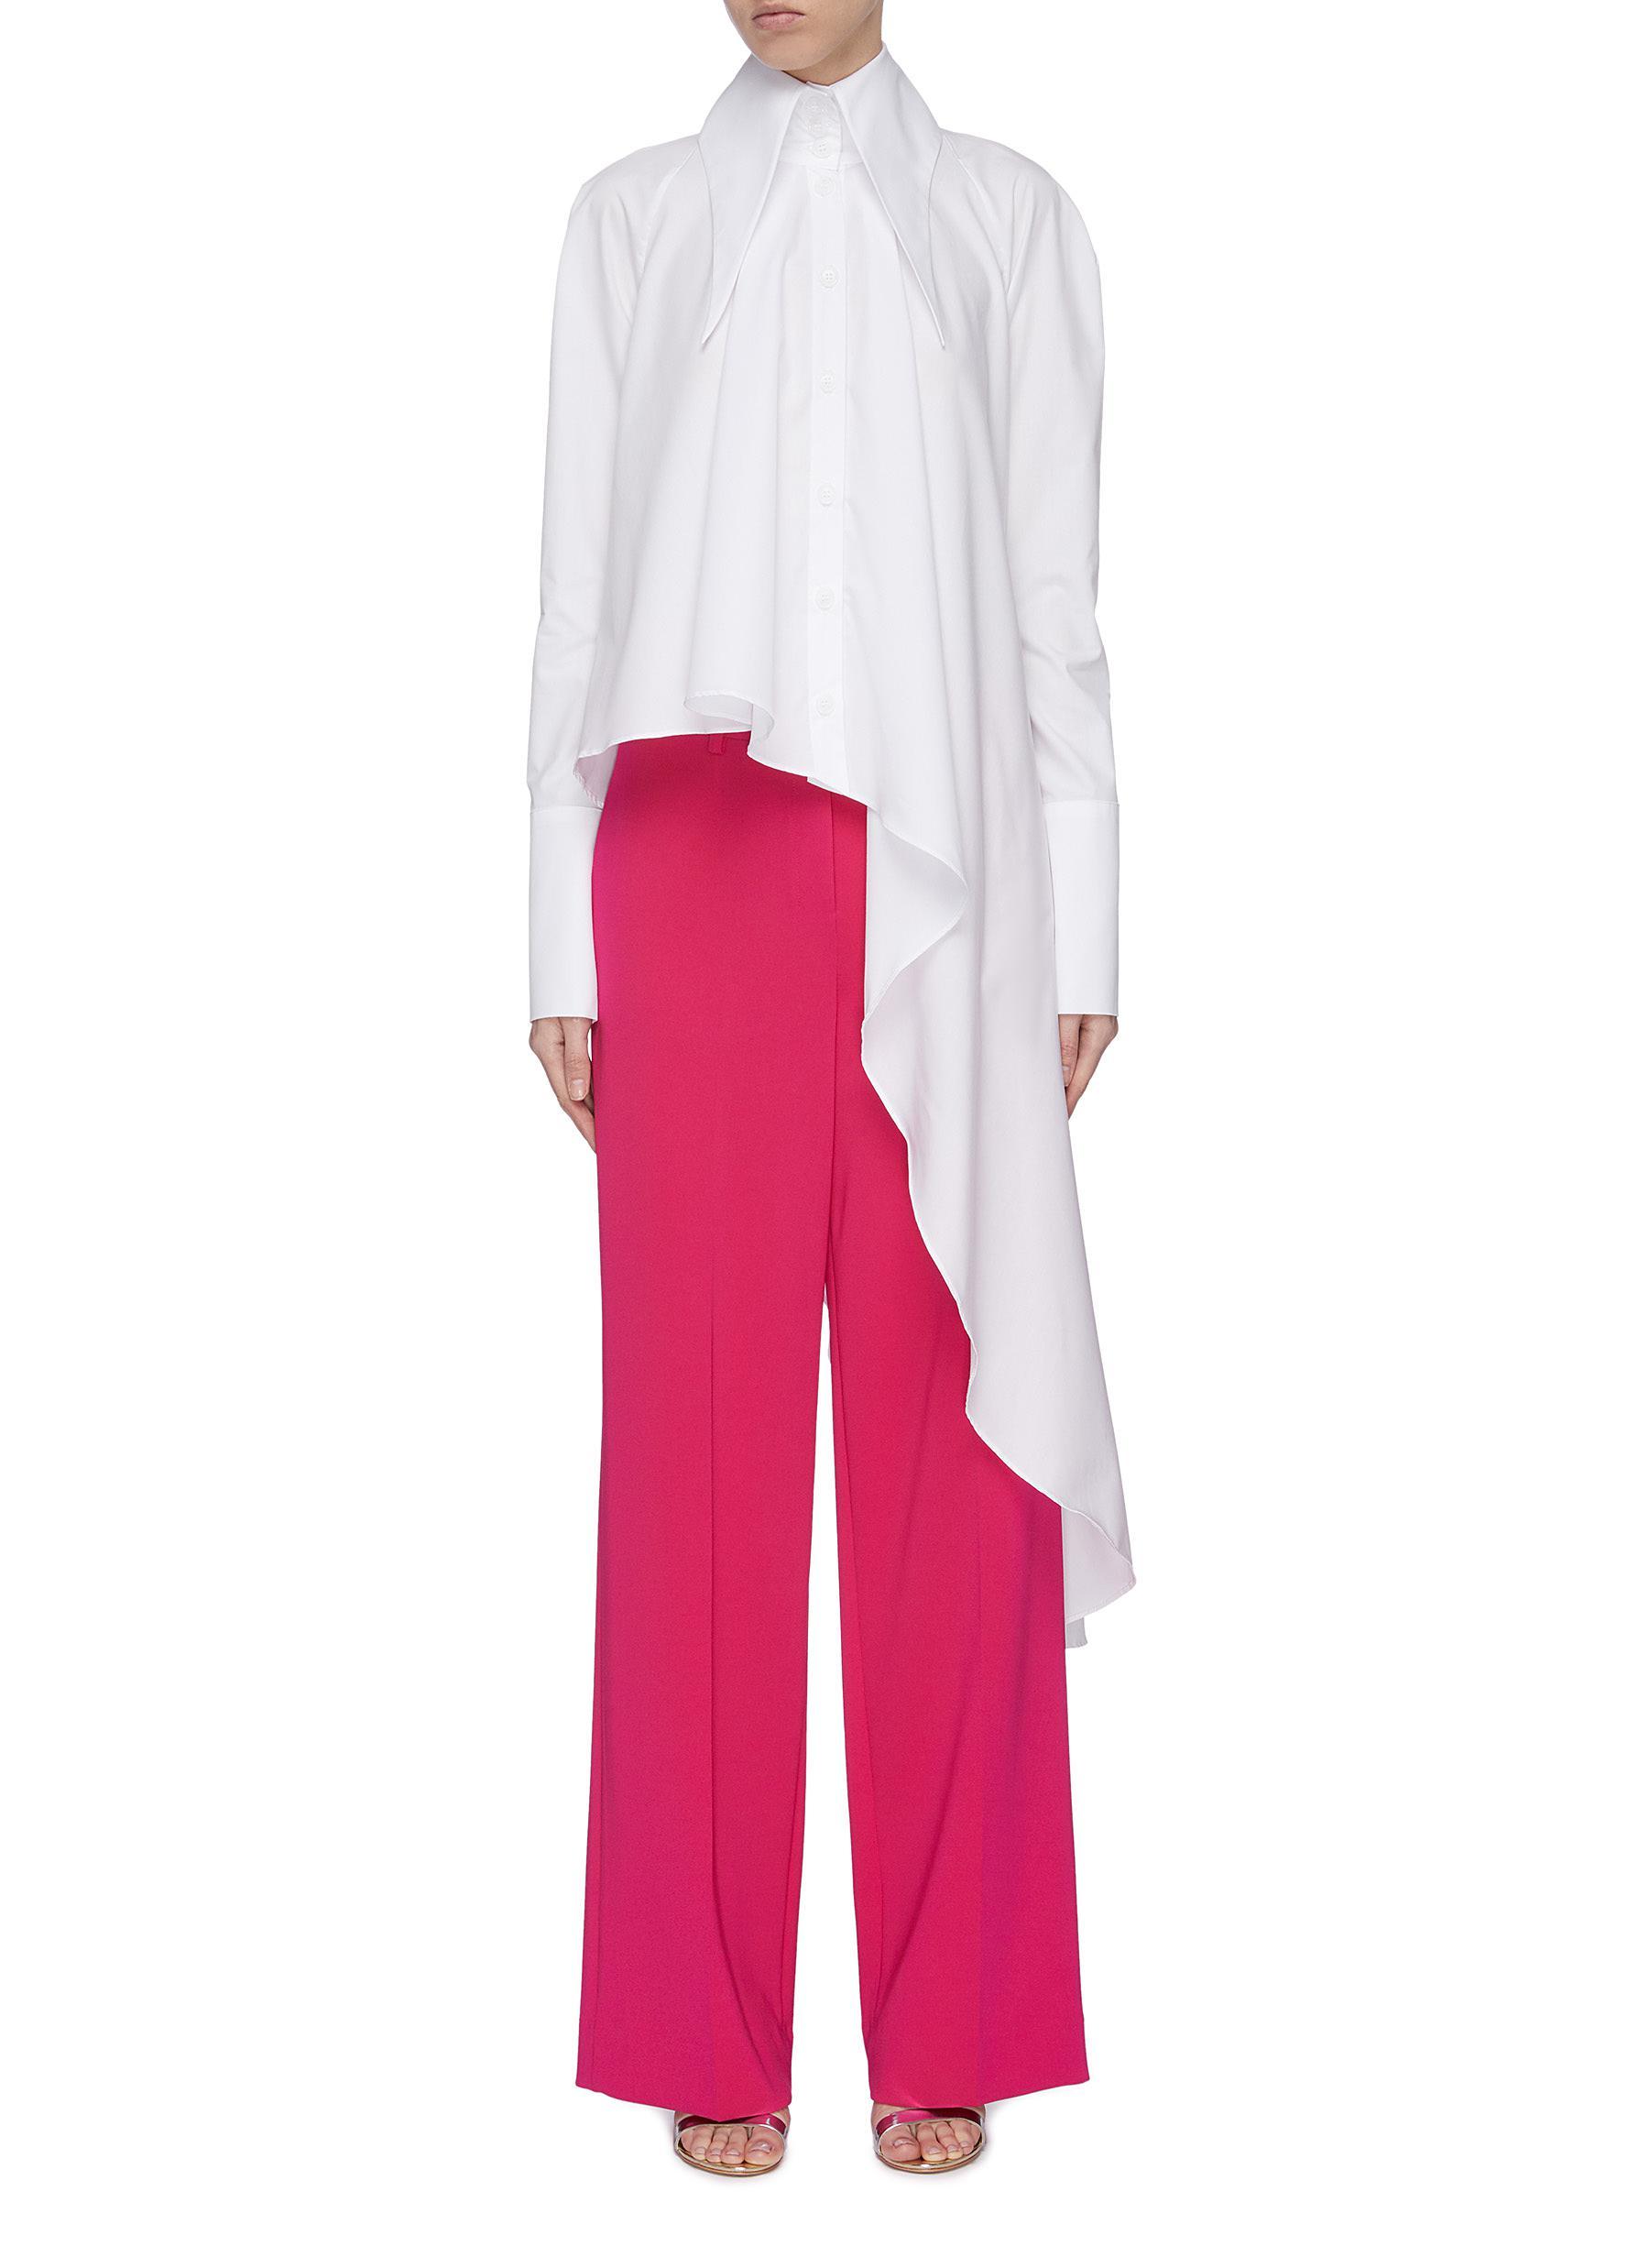 Buy 16Arlington Tops 'Rose' elongated collar asymmetric drape shirt